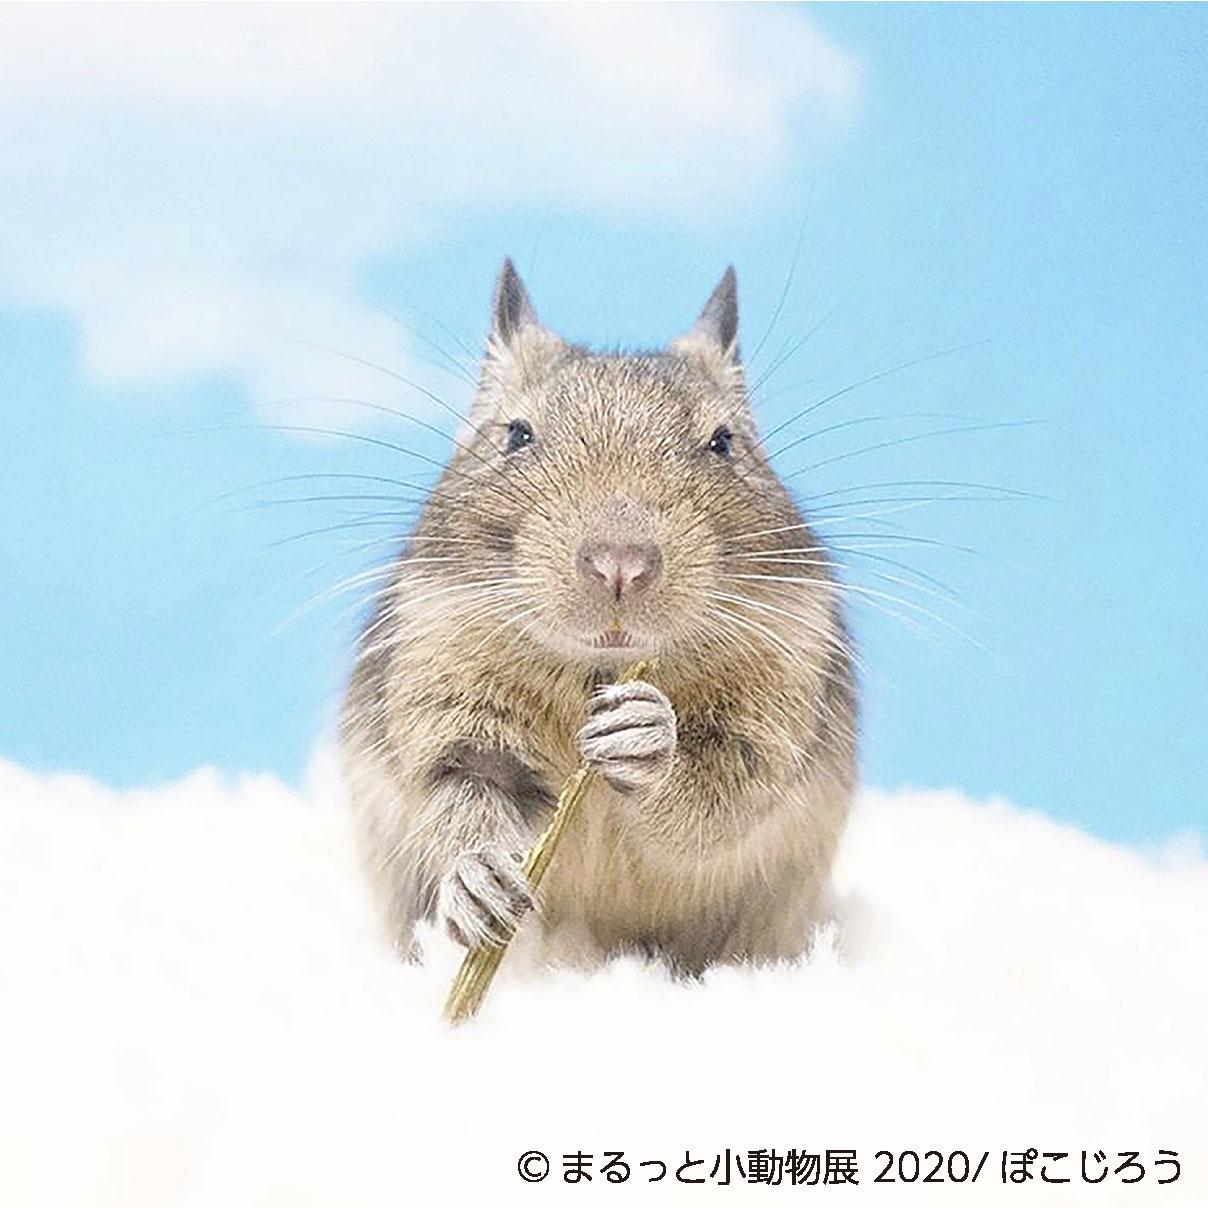 【鹿児島市】まるっと小動物in鹿児島